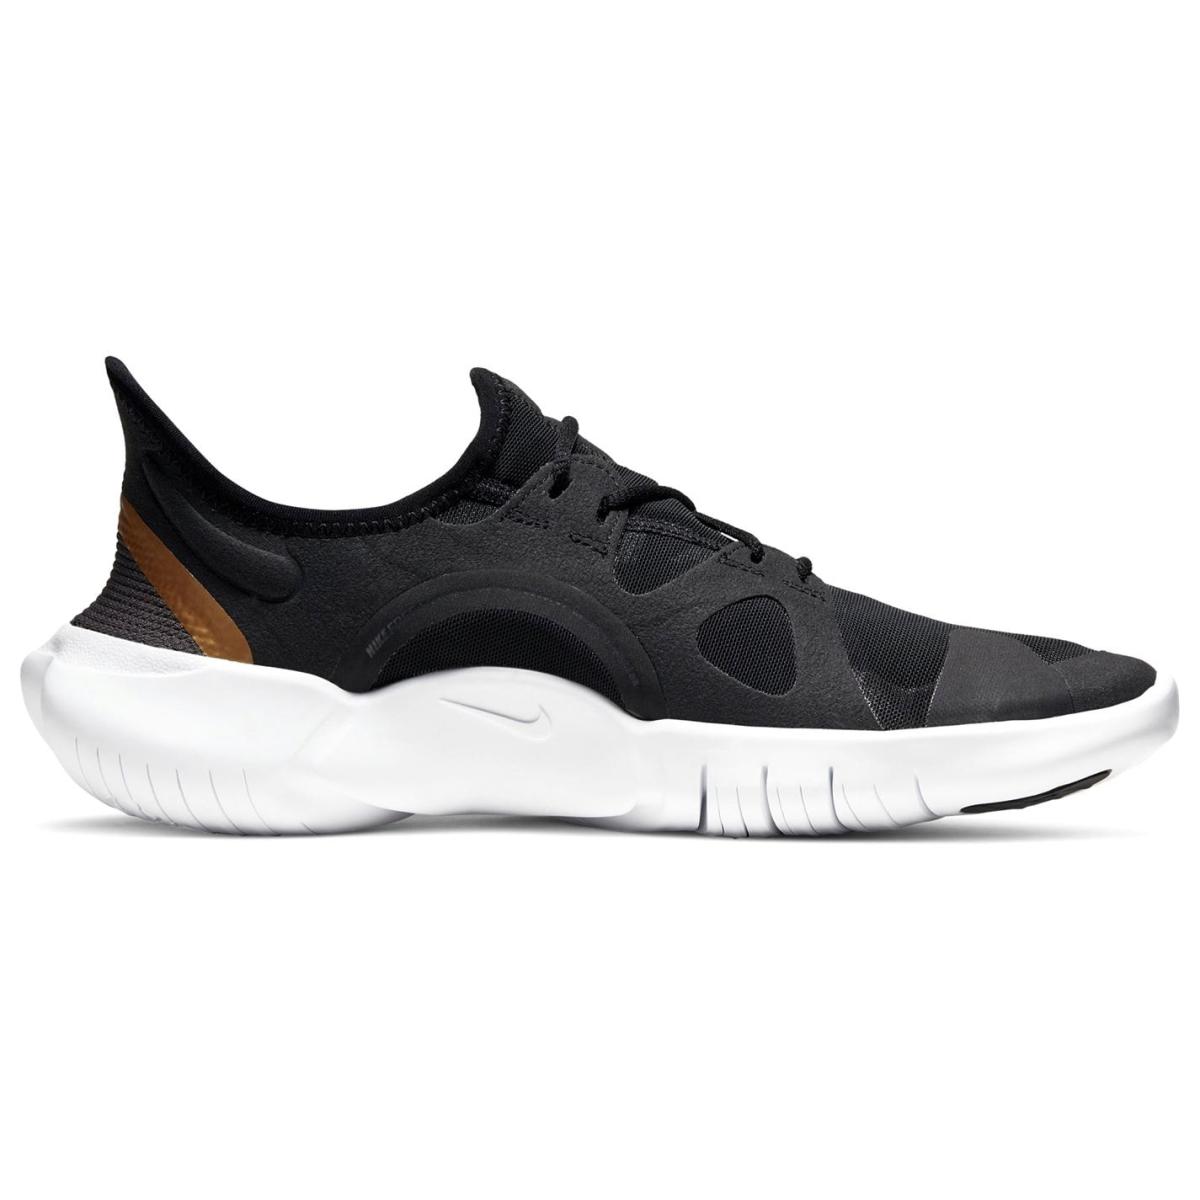 Nike Free Run 5.0 Turnschuhe Damen Sneaker Sportschuhe Laufschuhe 4923